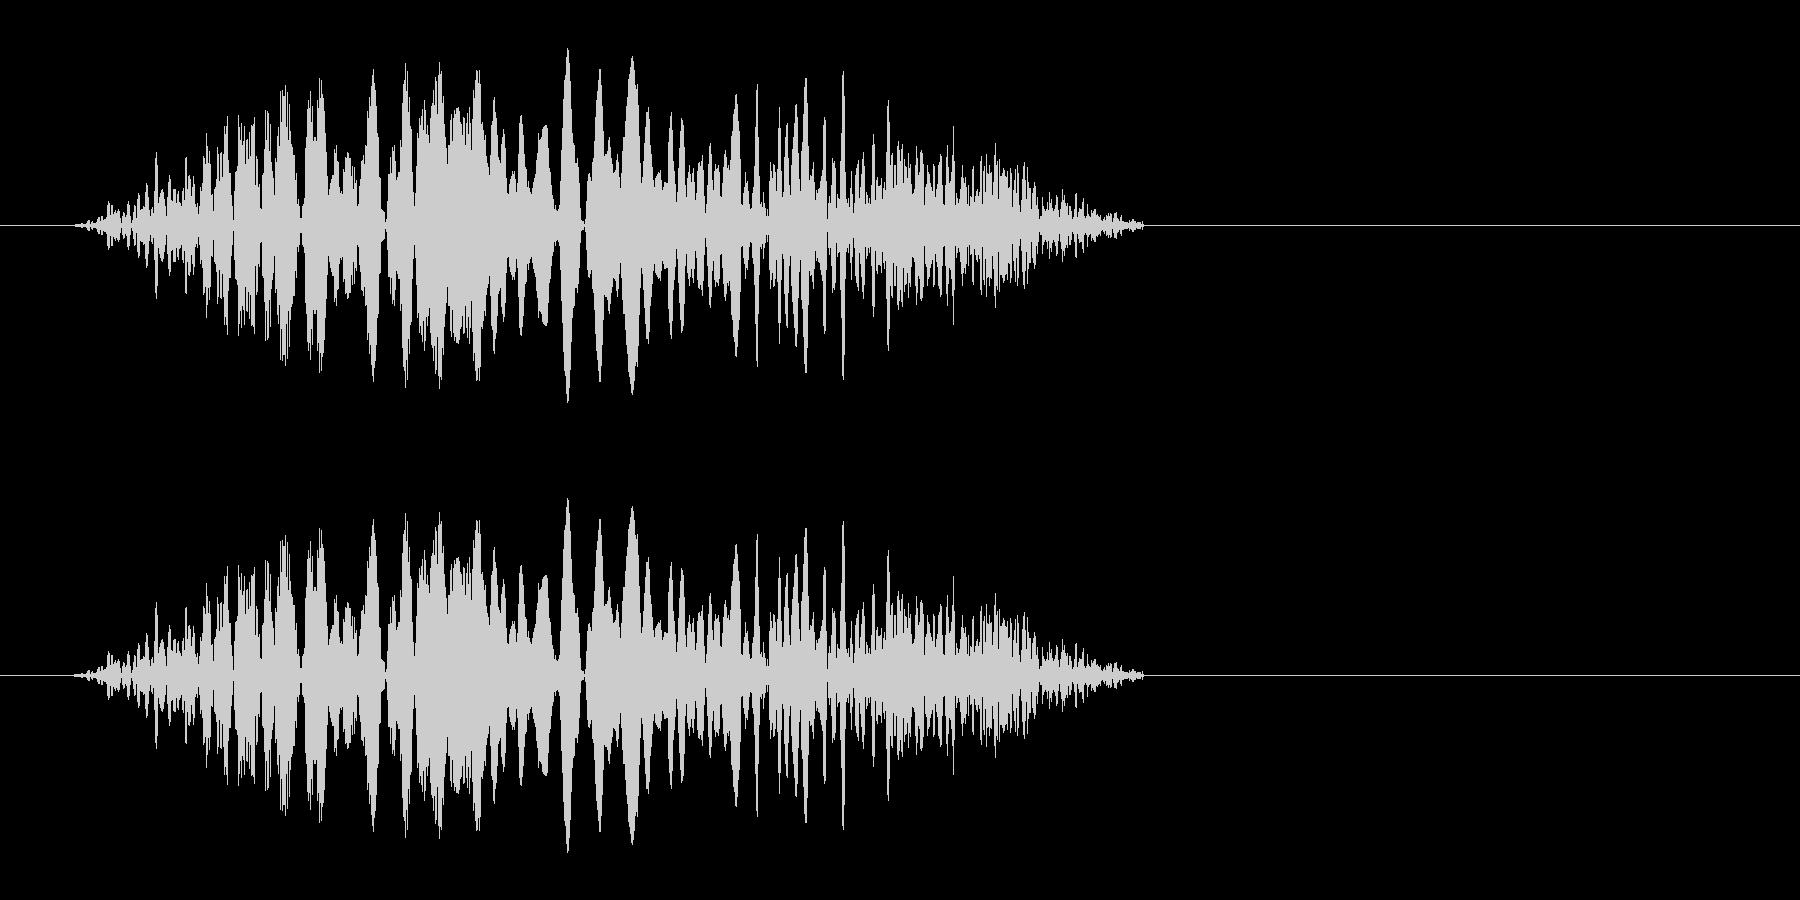 シュッ(簡潔でスピード感のある効果音)の未再生の波形